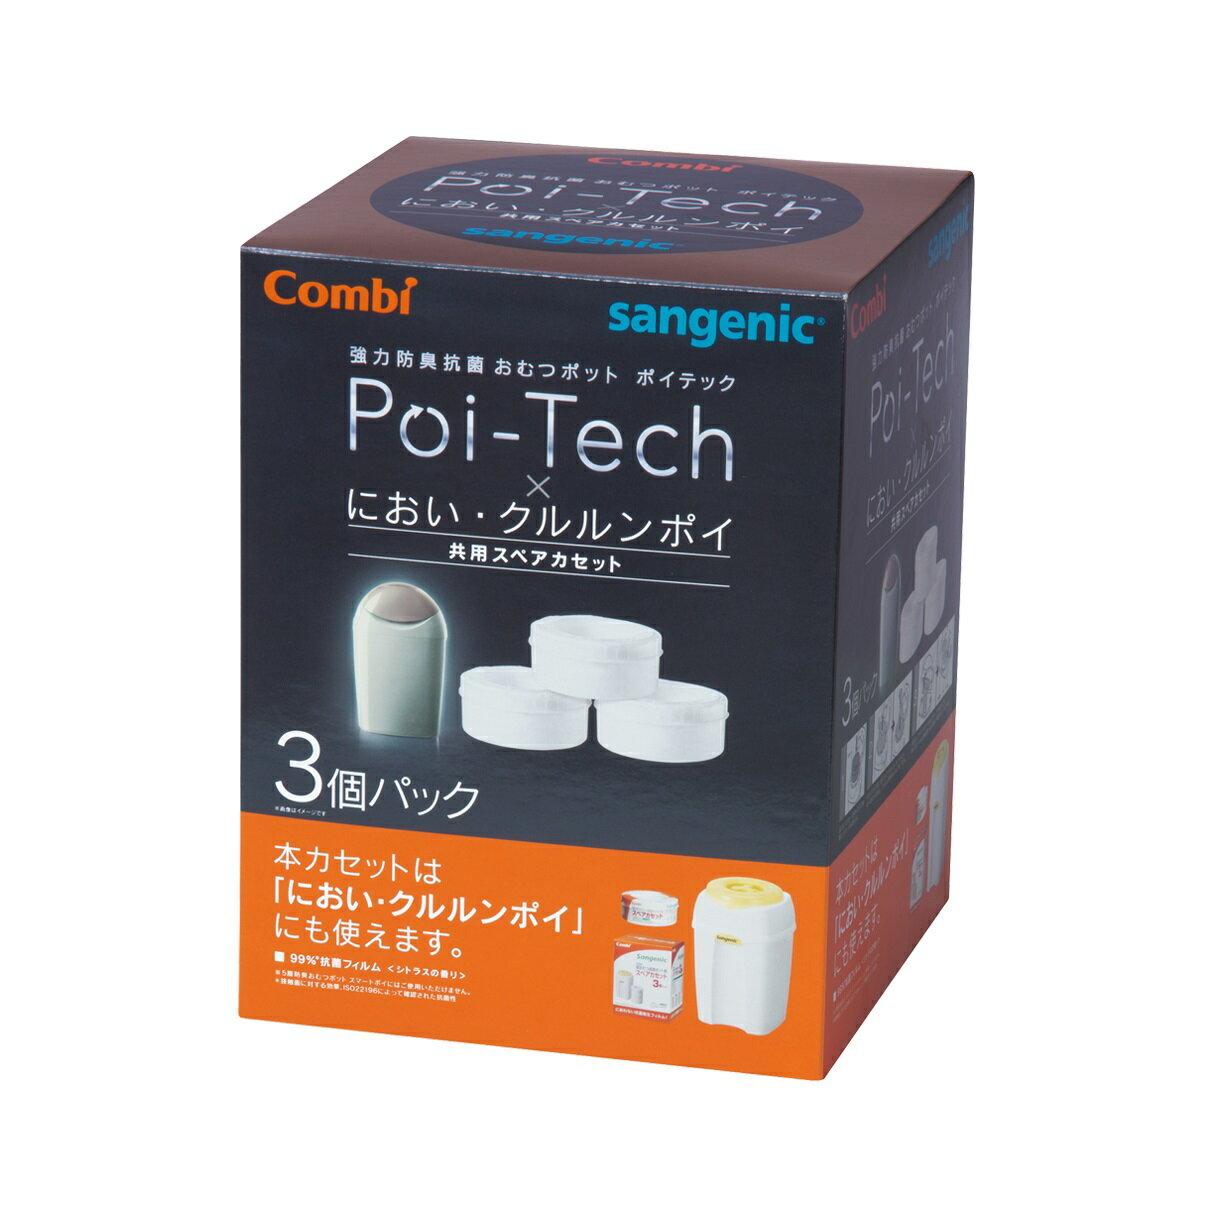 日本【Combi 康貝】尿布處理器強力防臭抗 菌膠捲3入